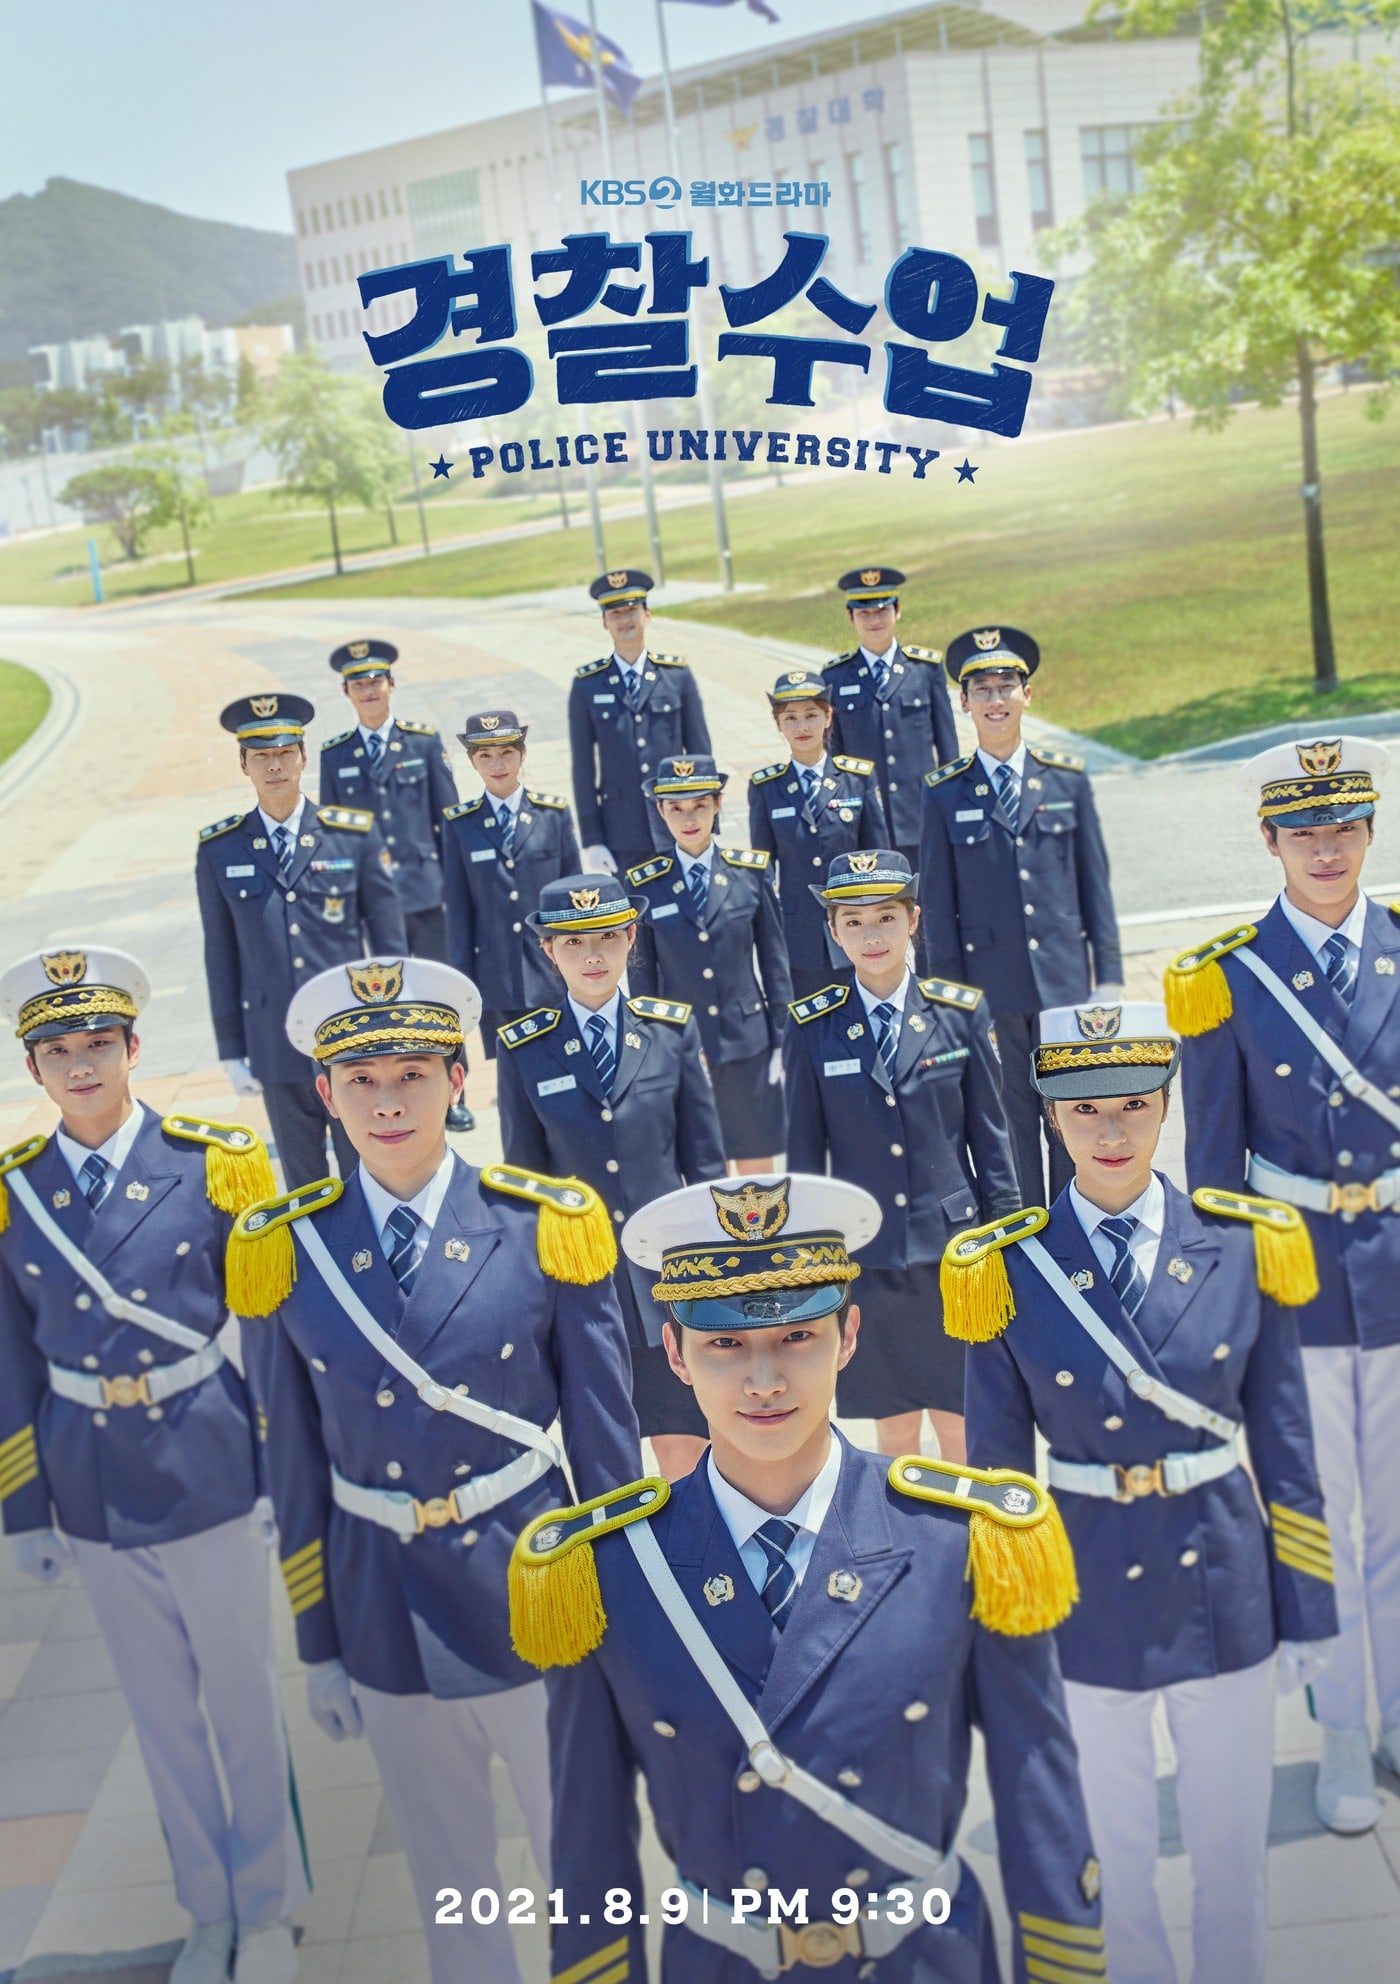 phim hàn quốc police university